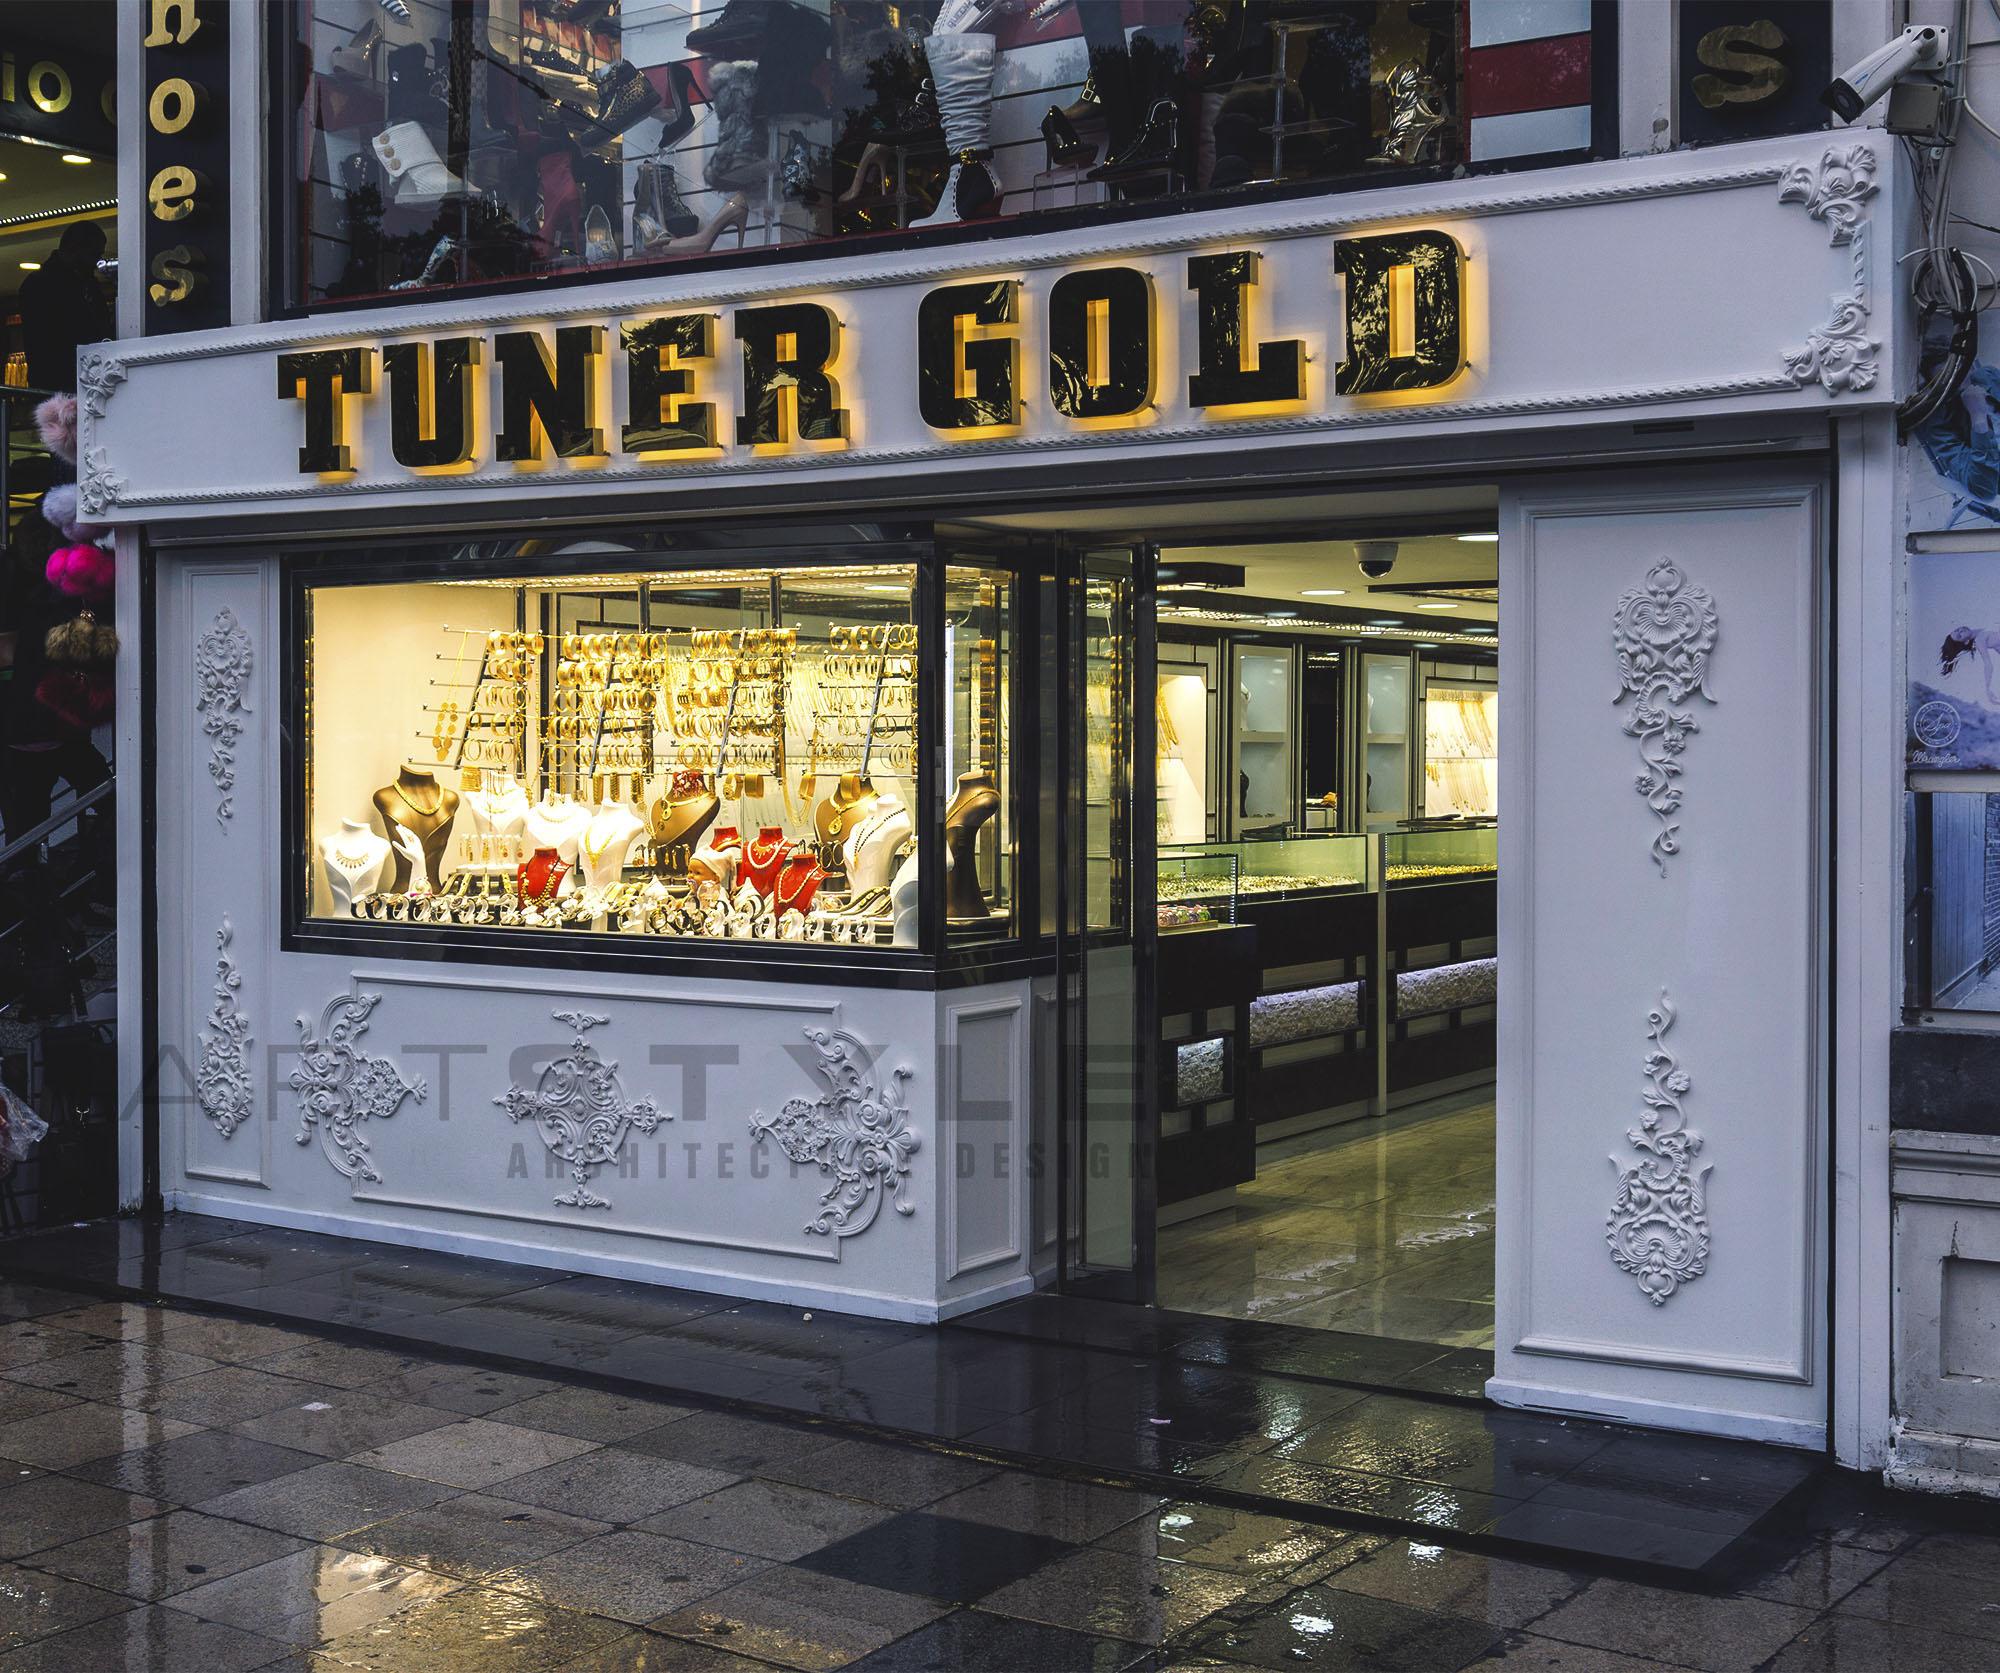 kuyumcu dekorasyon, kuyumcu dekorlari, kuyumcu dekorasyon fiyatları, kuyumcu, tuner gold kuyumculuk (1)